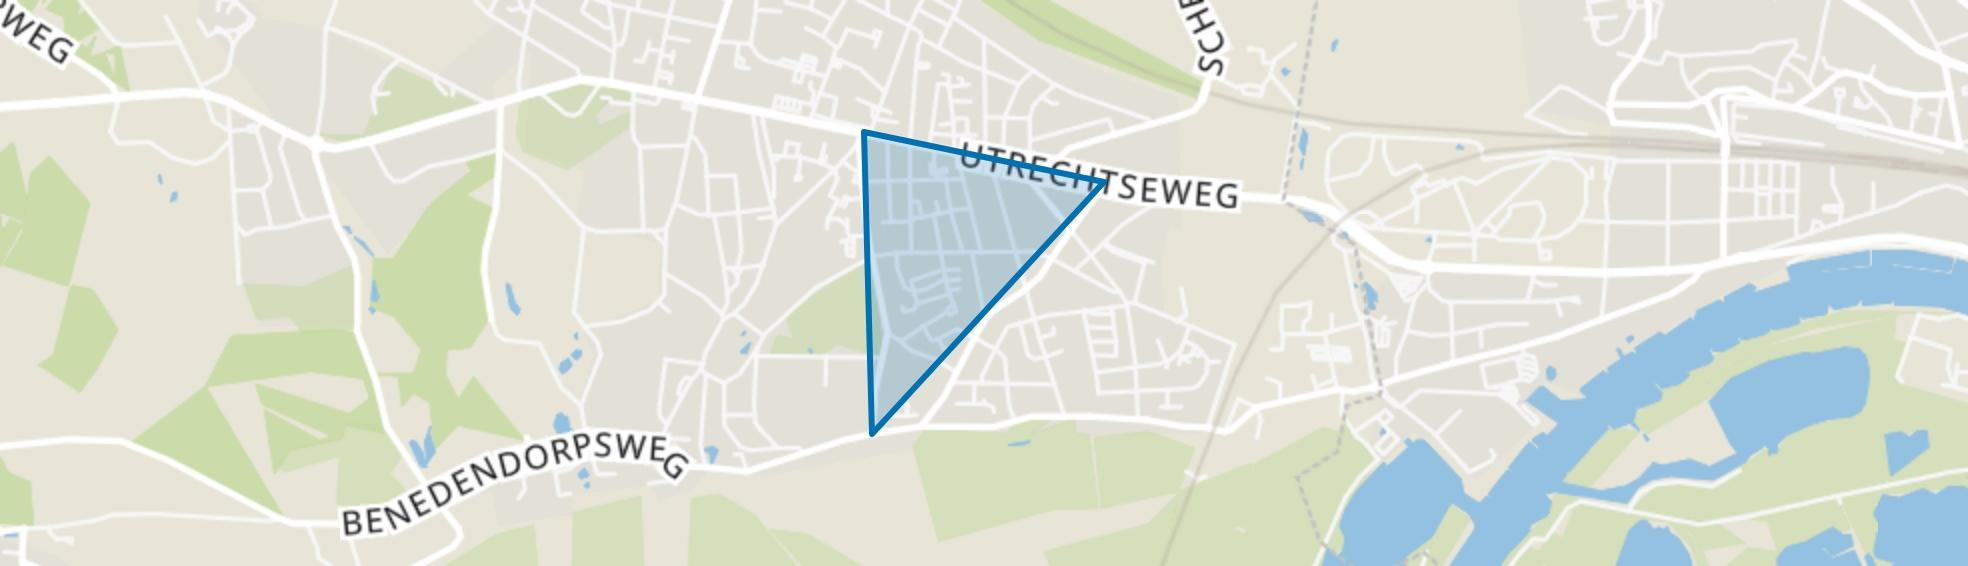 Nieuwland, Oosterbeek map